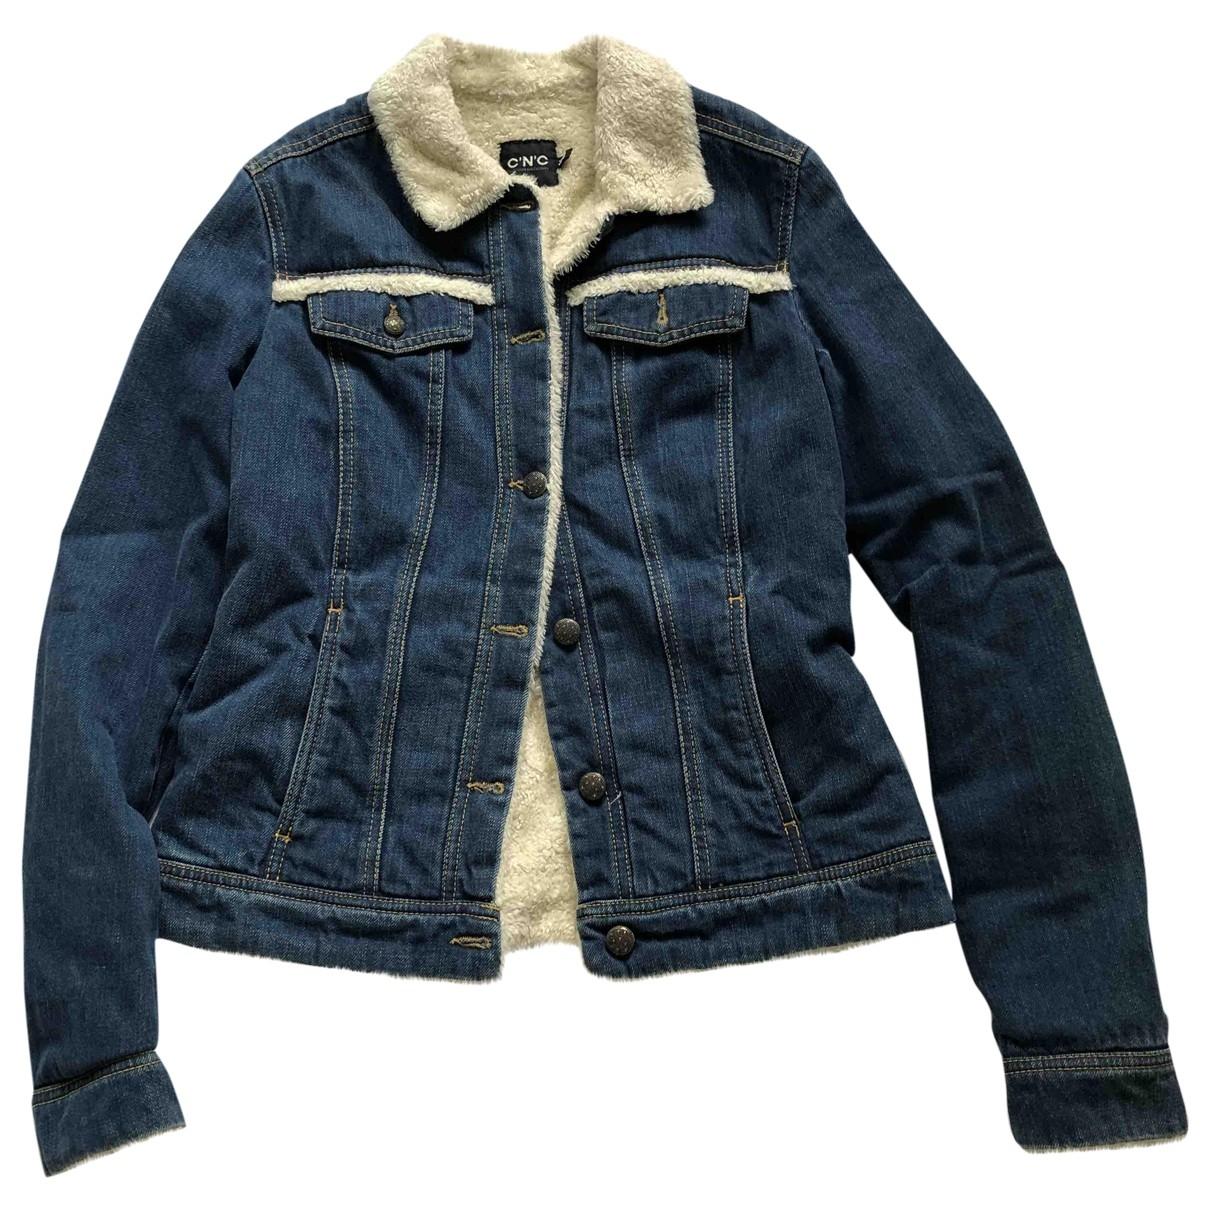 Cnc \N Jacke in  Blau Denim - Jeans